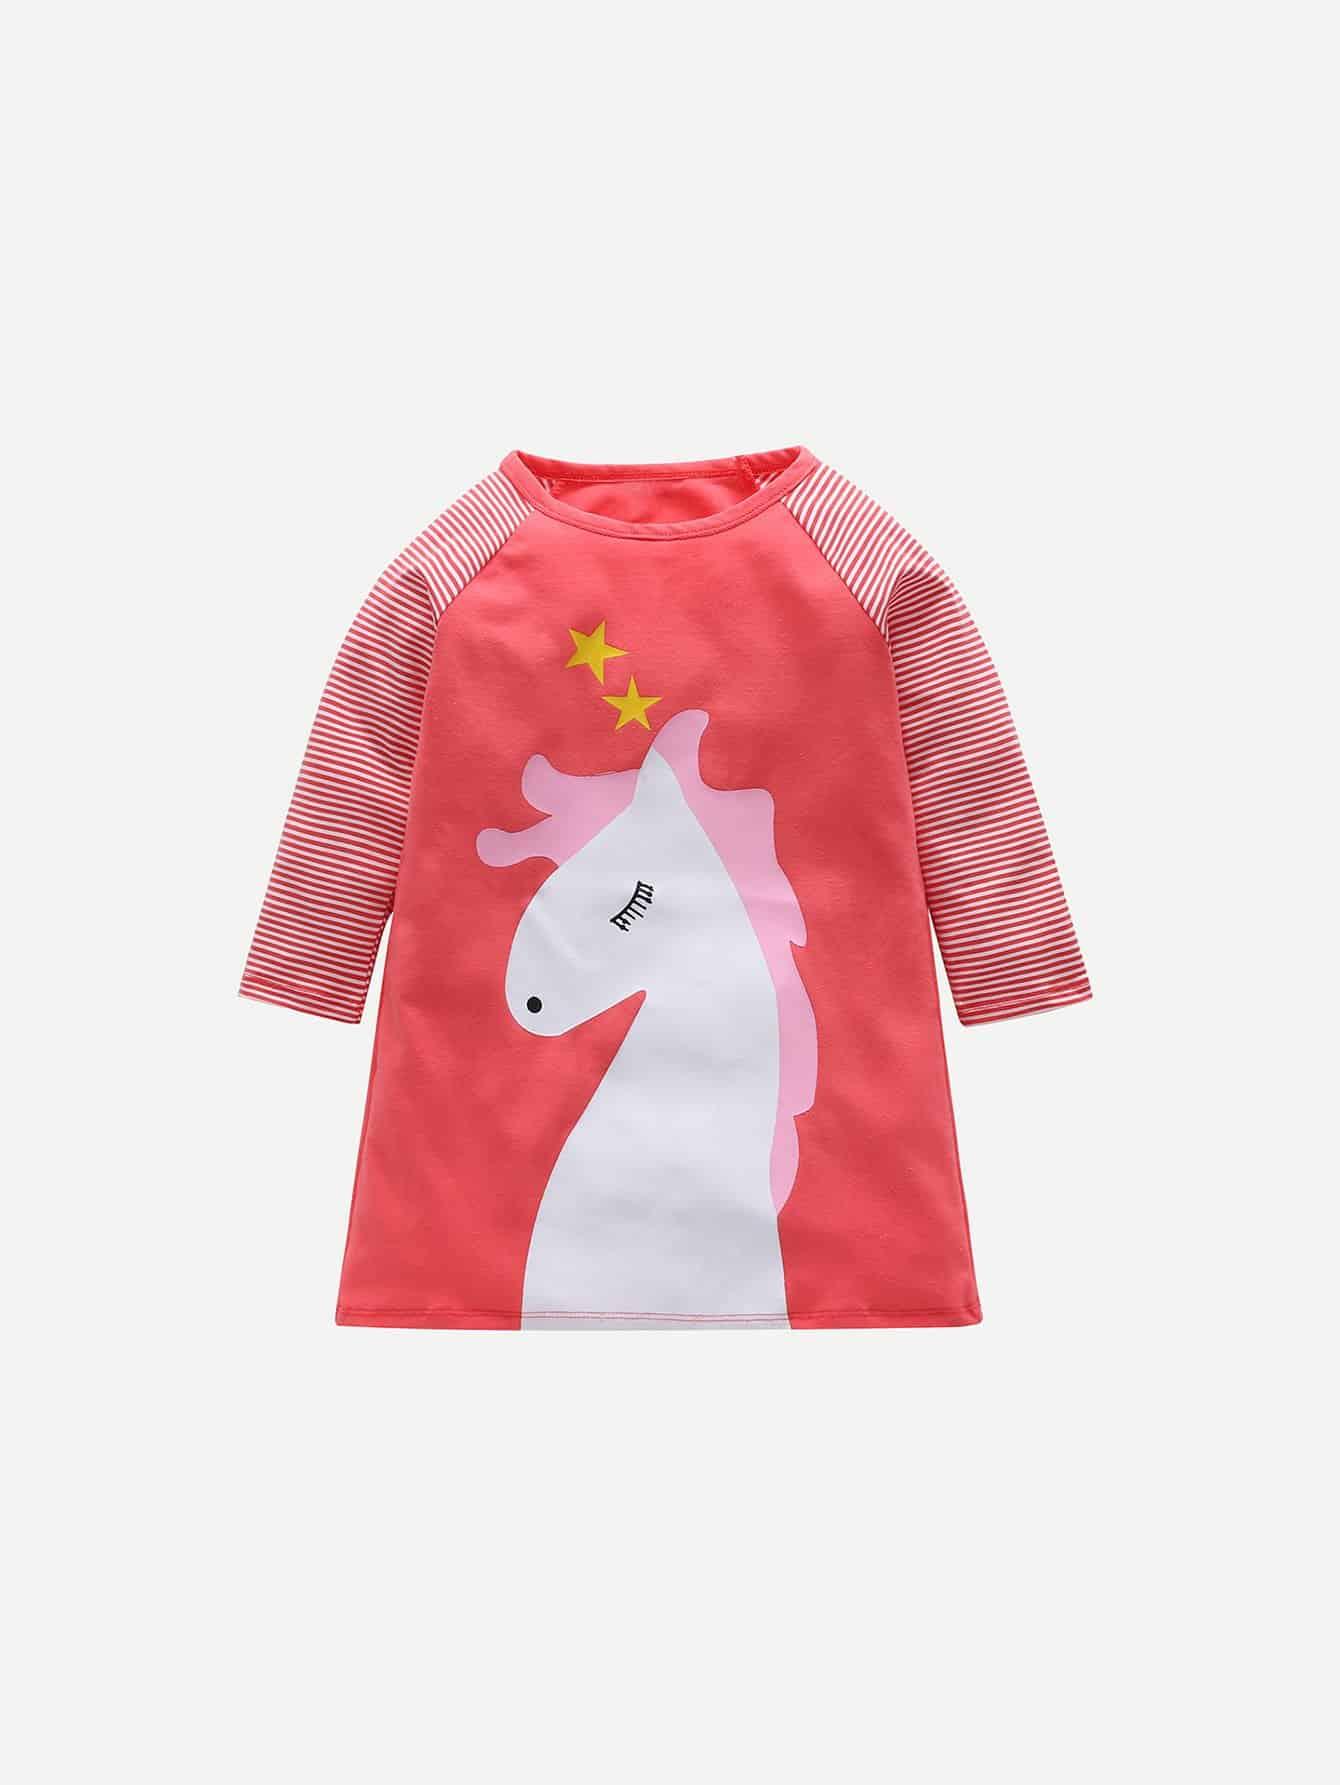 Купить Полосатая футболка с рисунками мультипликаций для девочки, null, SheIn